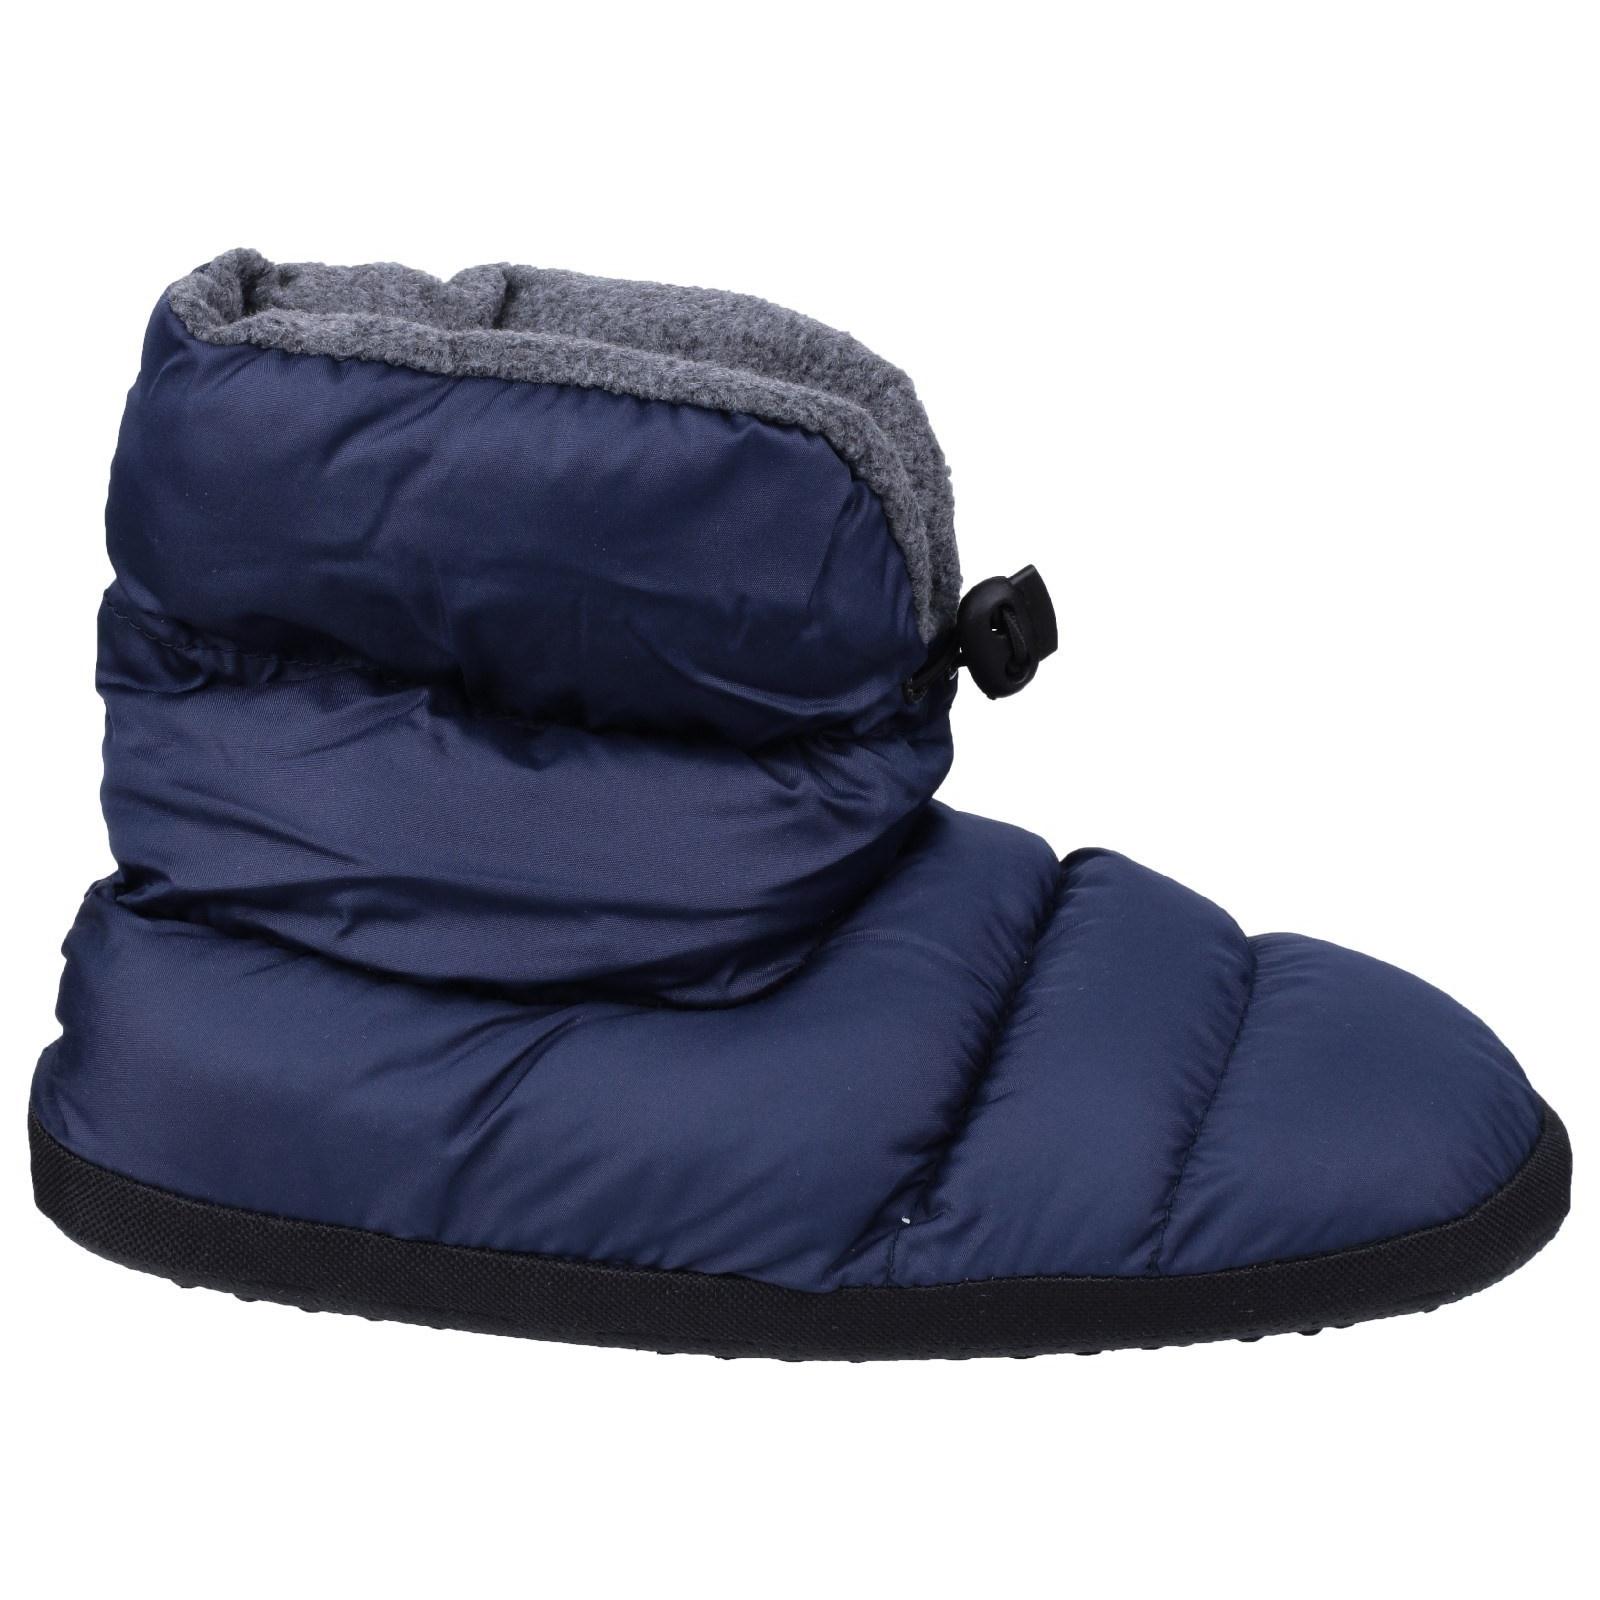 Cotswold Para Niños/Niños Camping Ajustable Zapatillas Botas